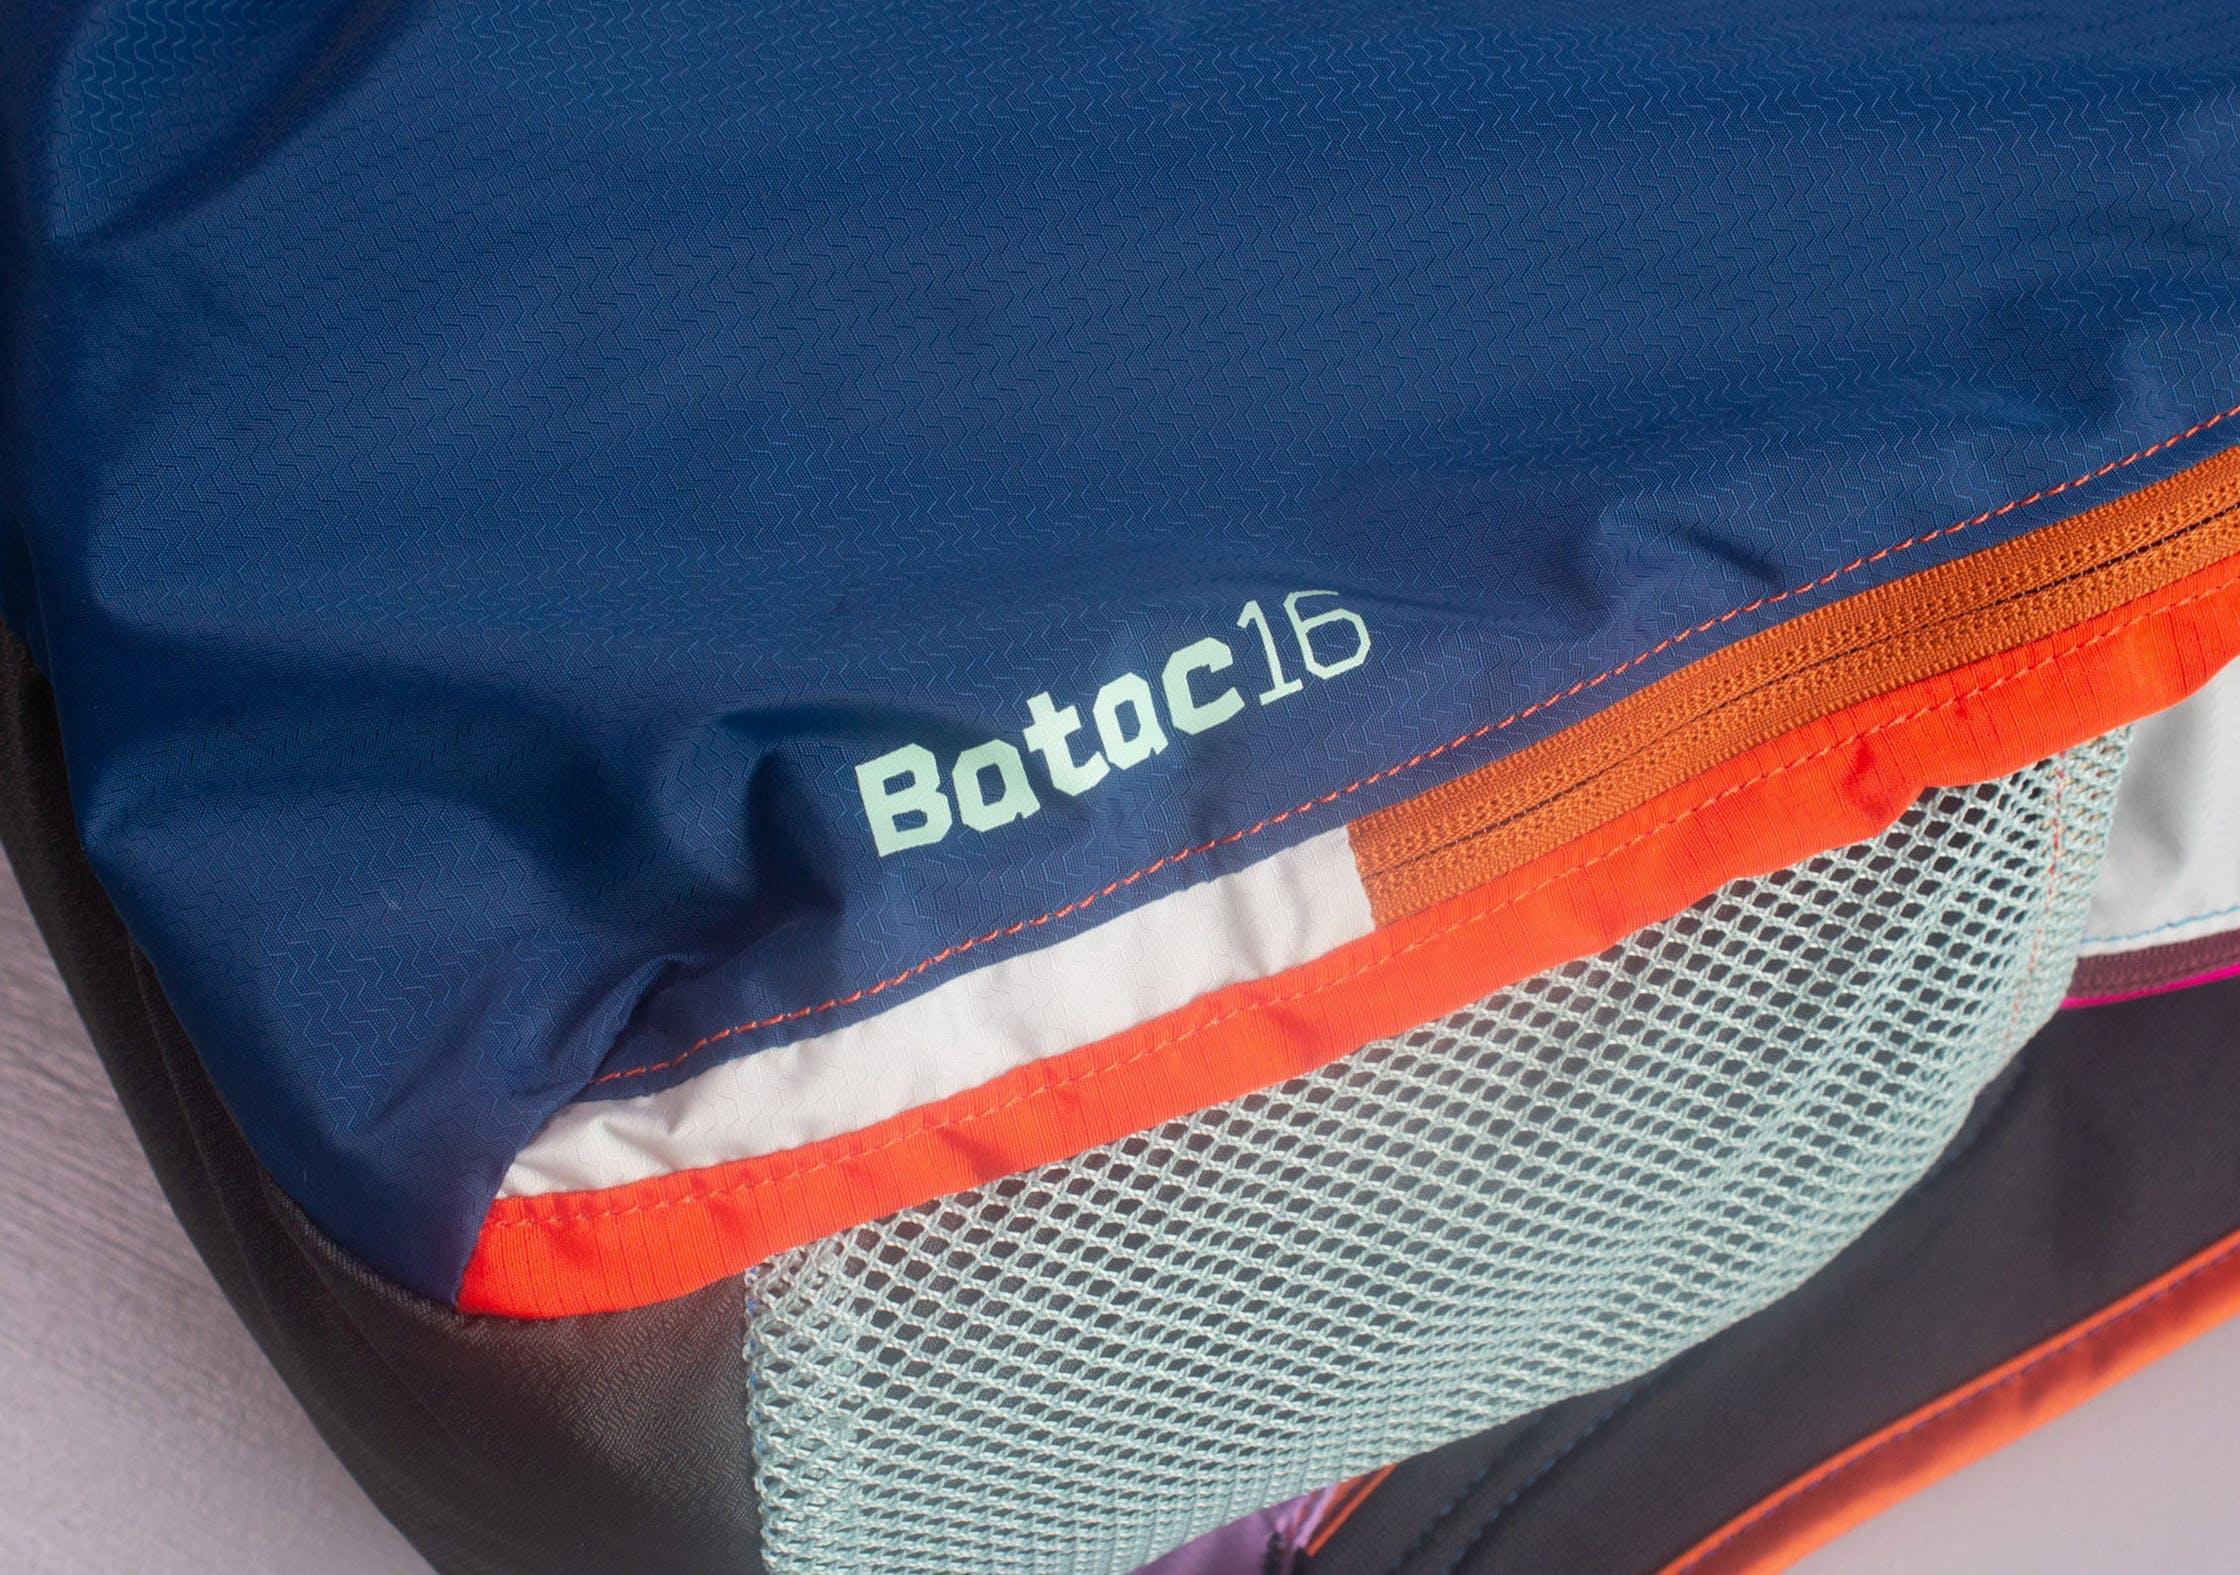 Cotopaxi Batac Branding On Side